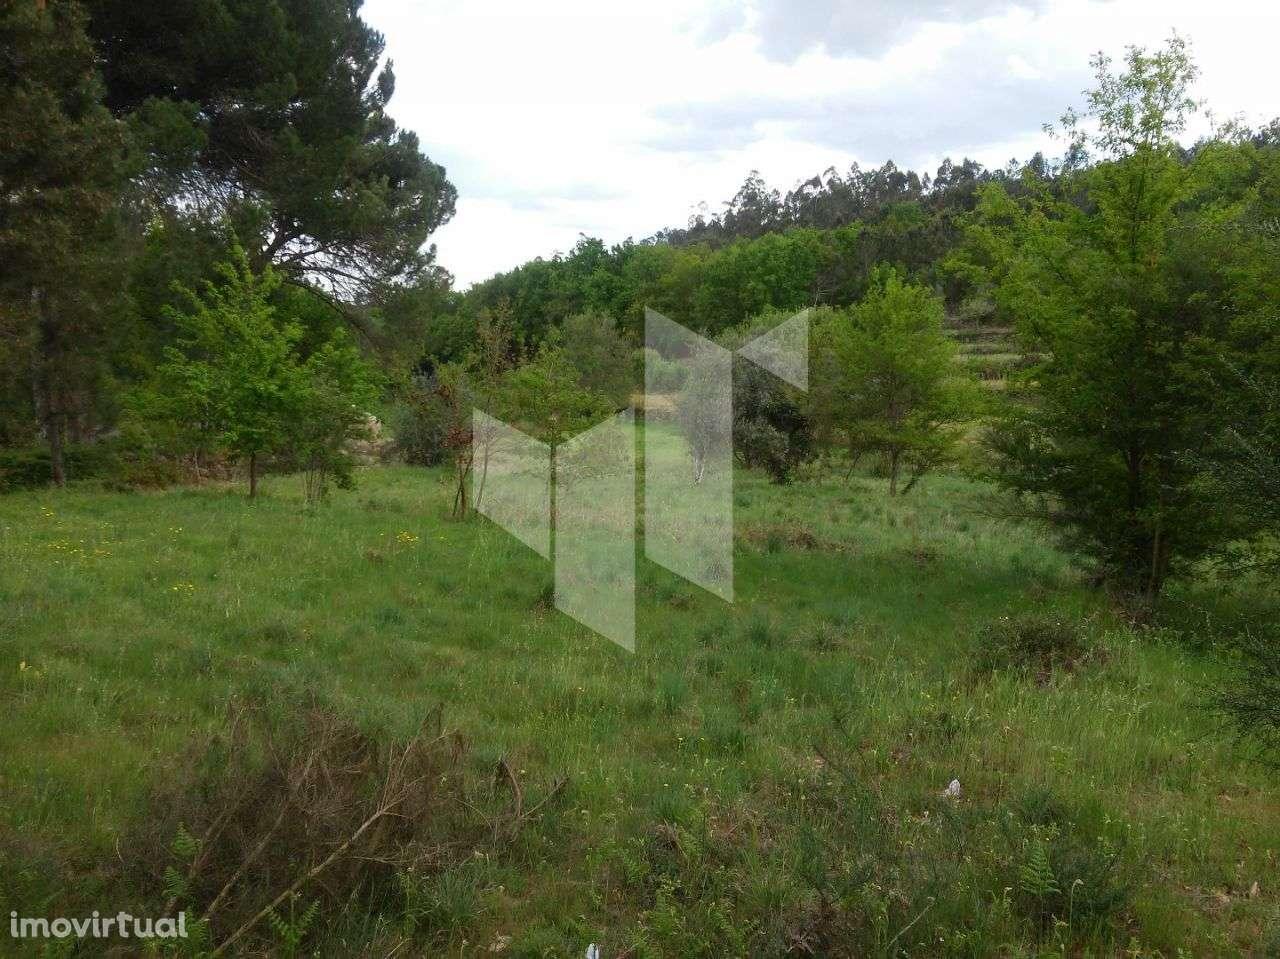 Terreno para comprar, Tonda, Tondela, Viseu - Foto 2